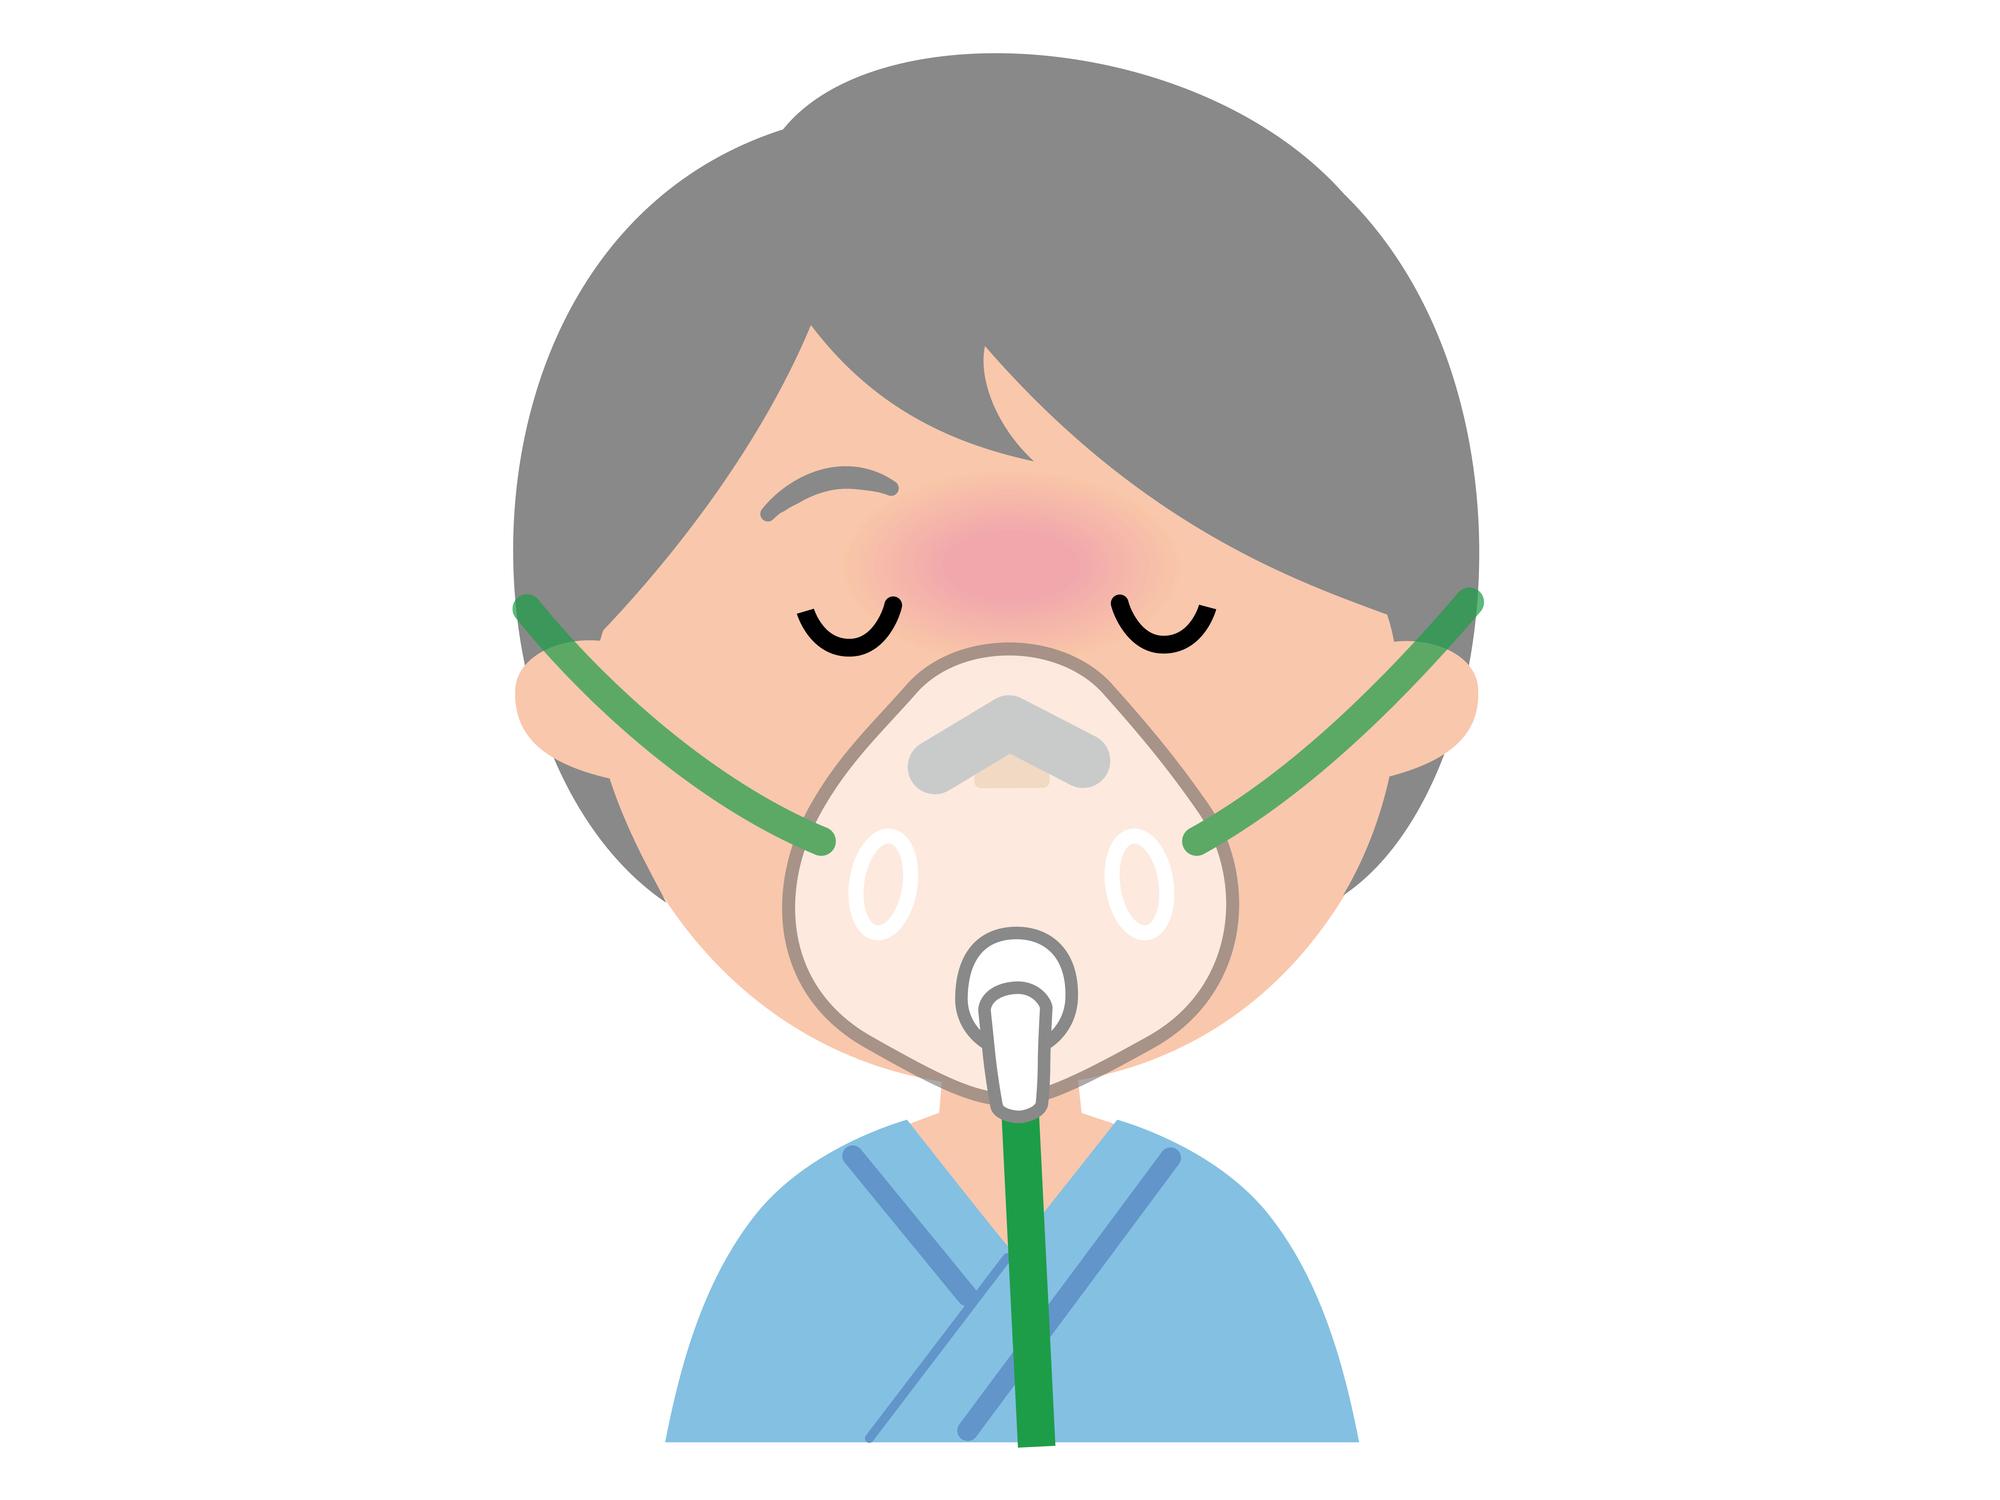 新型コロナ検査がさらに進化。「吐く息」で判定。 – 中日新聞LINKED ...